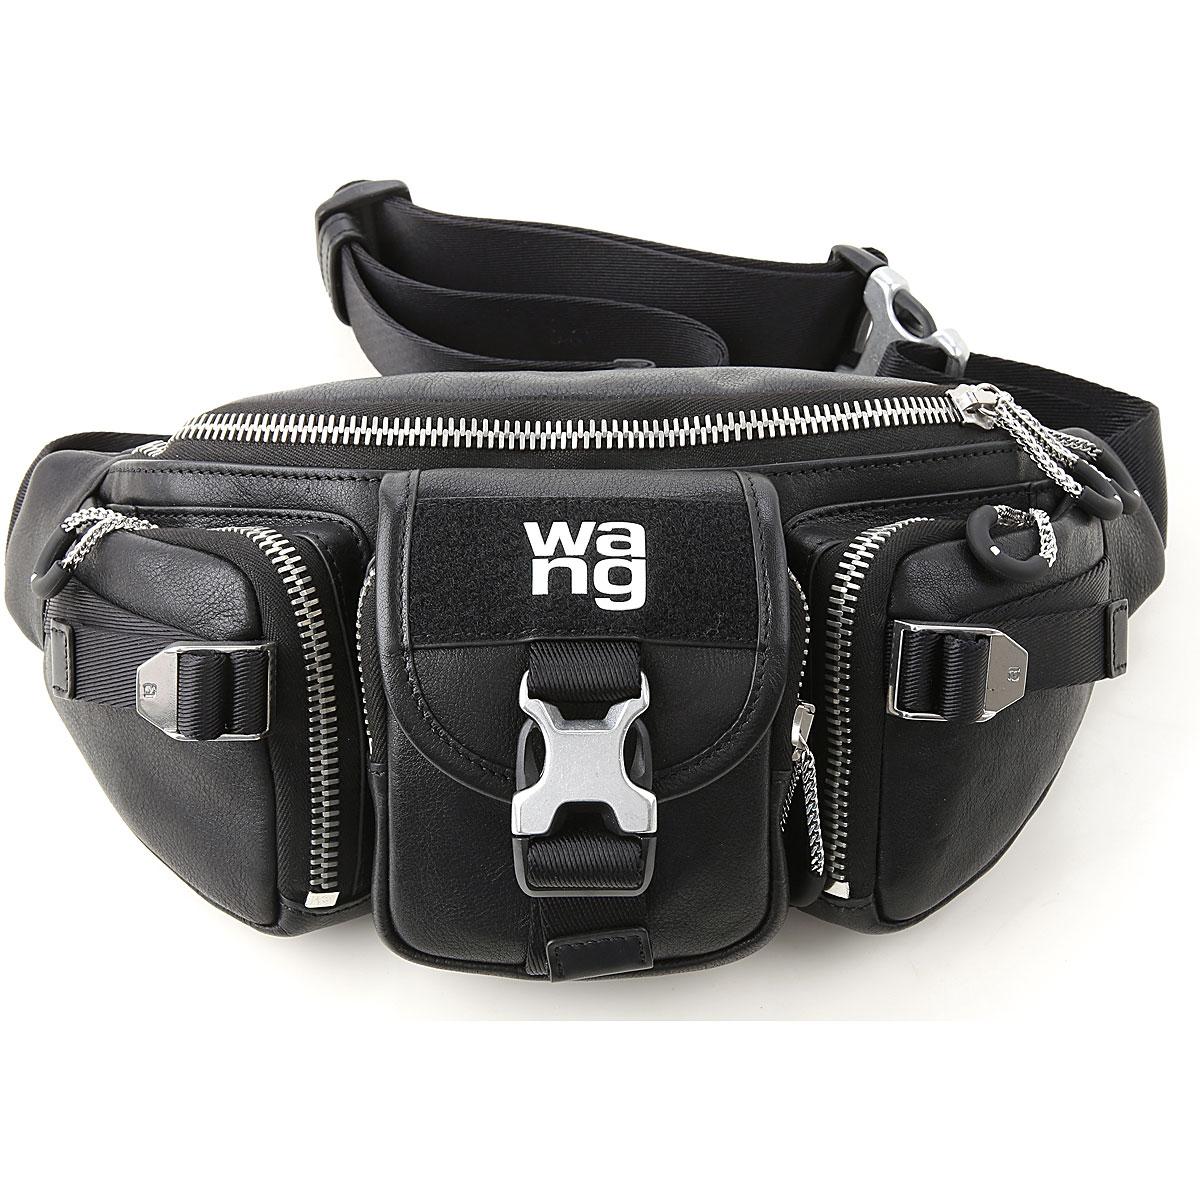 Alexander Wang Shoulder Bag for Women On Sale, Black, Leather, 2019